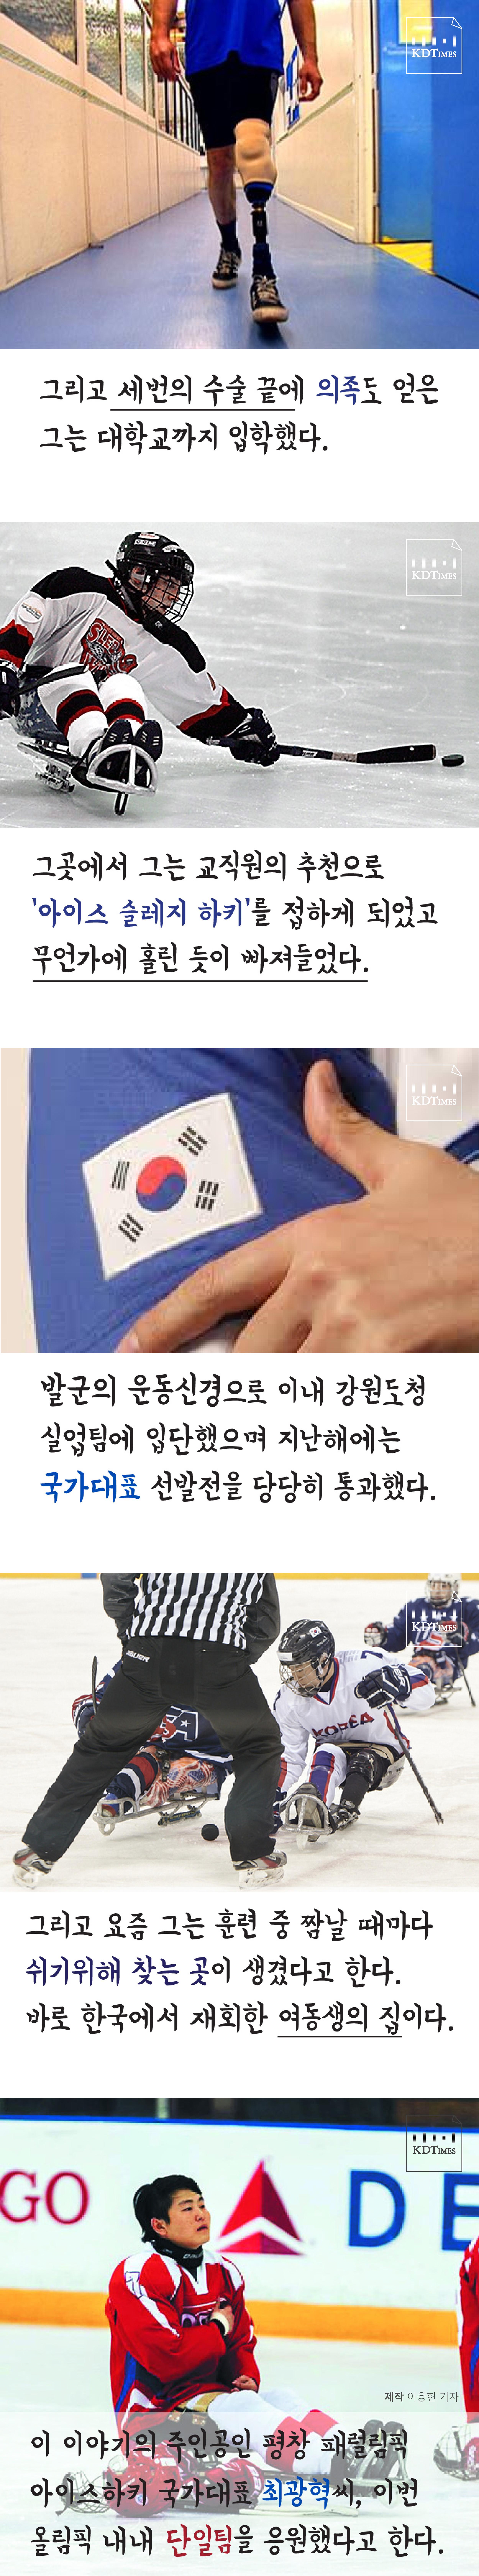 최광혁_kdt-05.jpg